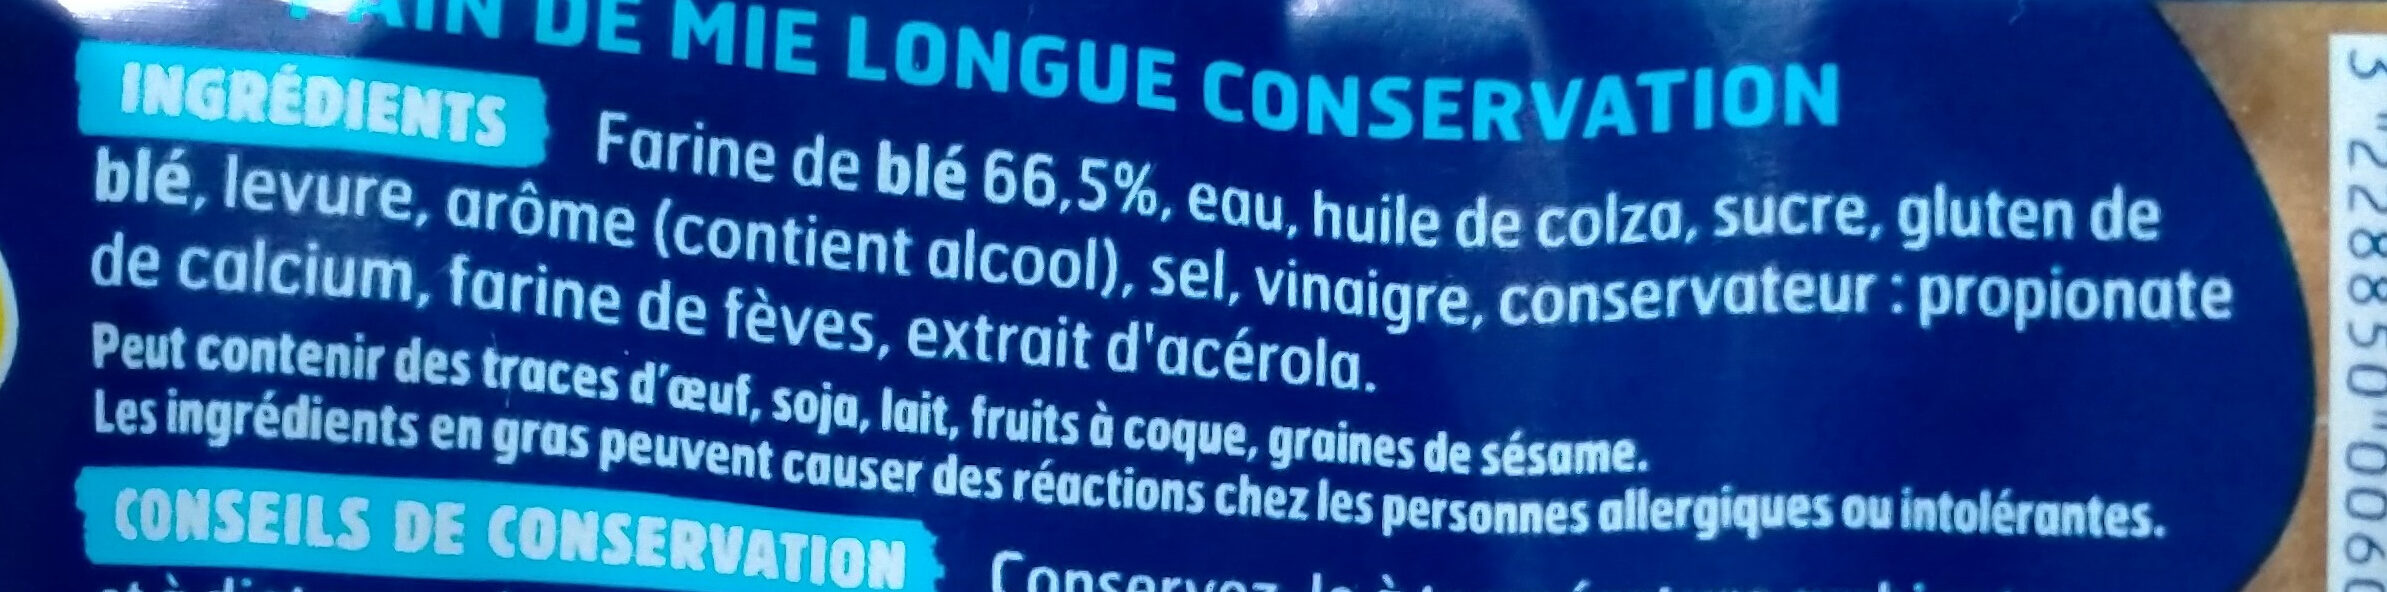 Harrys pain de mie longue conservation nature - Ingredients - fr